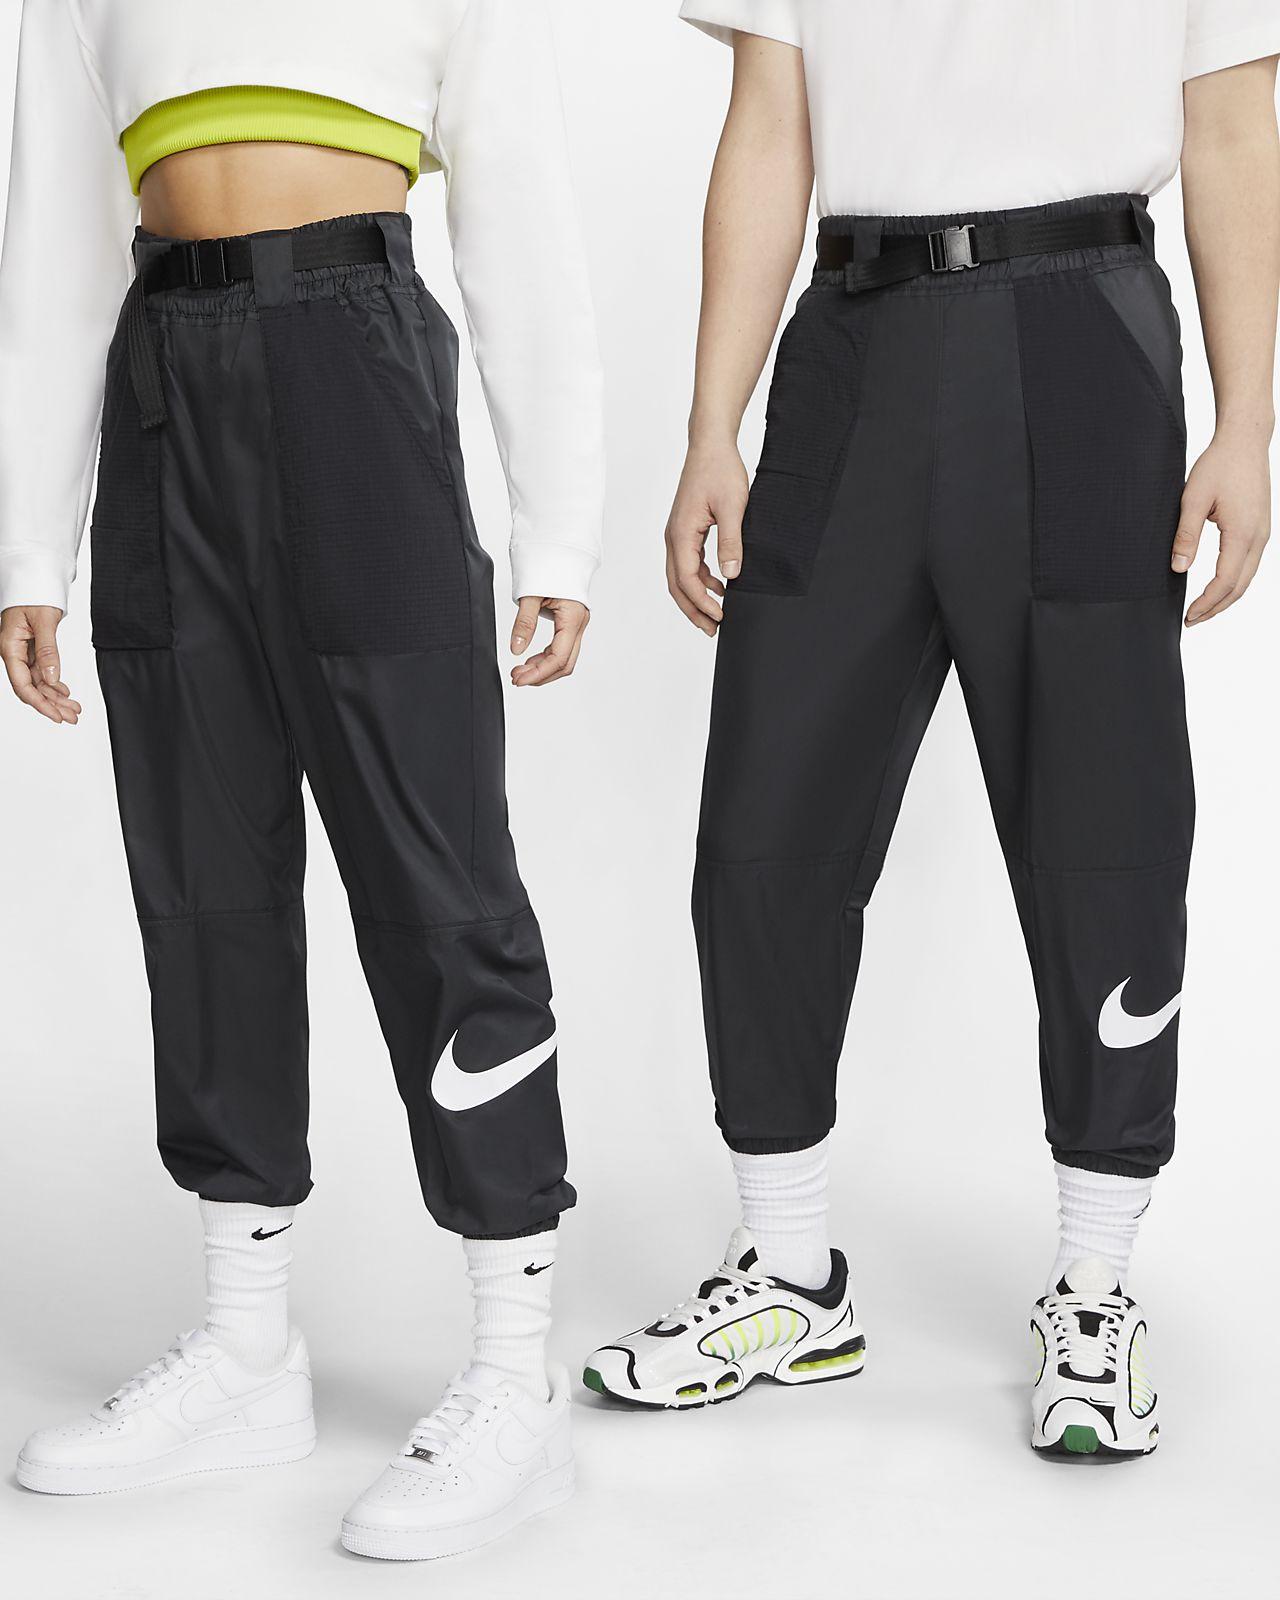 Nike Sportswear Swoosh 女子梭织长裤